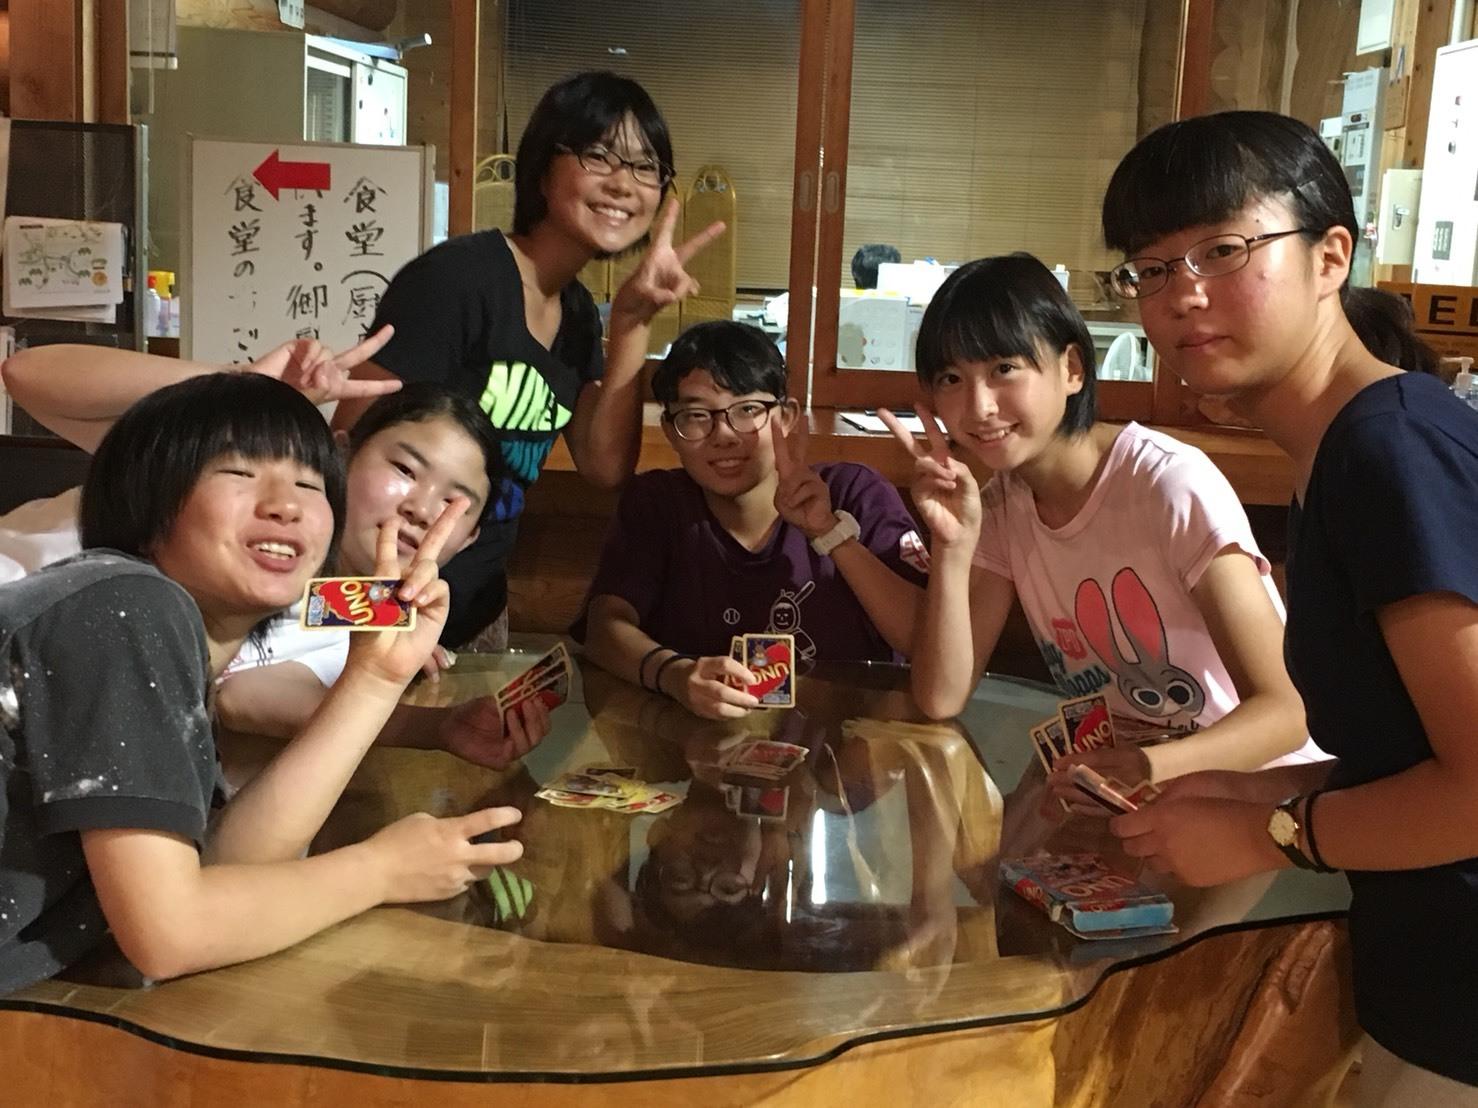 最高の学年による充実の宮崎夏合宿 -合宿1日目の写真-_d0116009_14594347.jpg